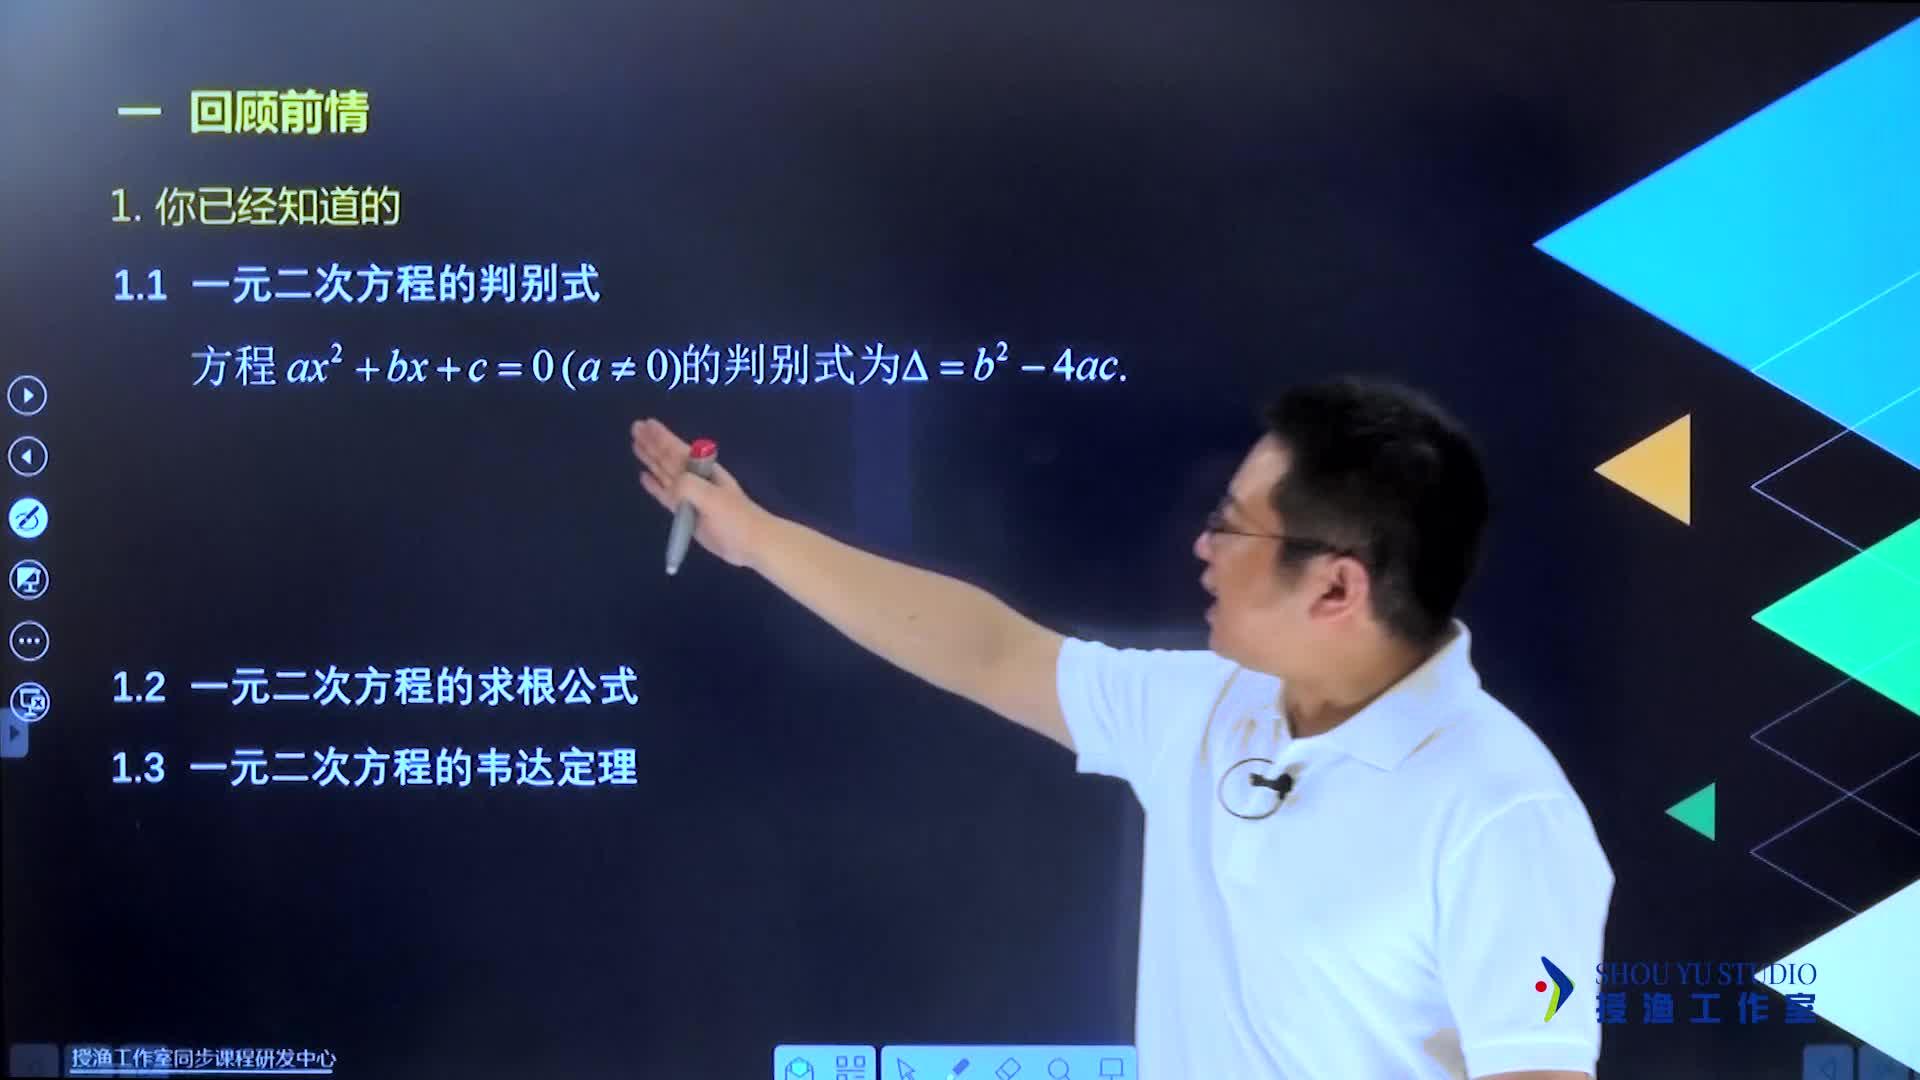 視頻2.1 判別式與韋達定理  回顧前情-2019年《初高中銜接課》教材數學